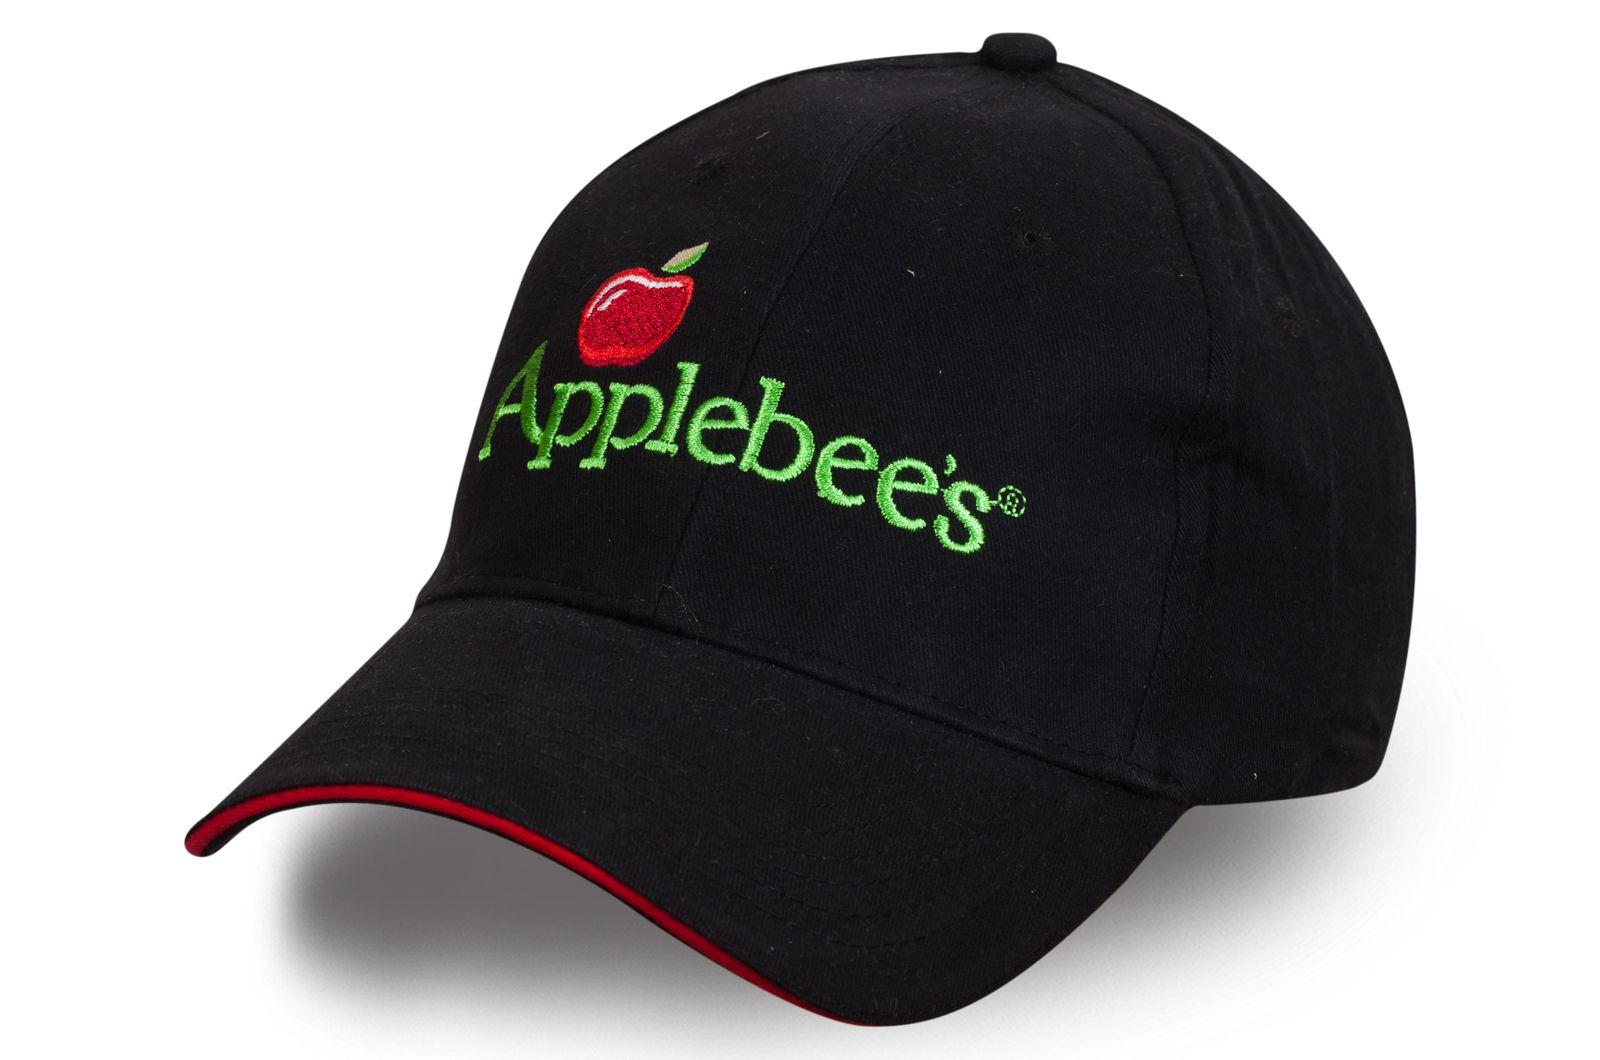 Бейсболка Applebee